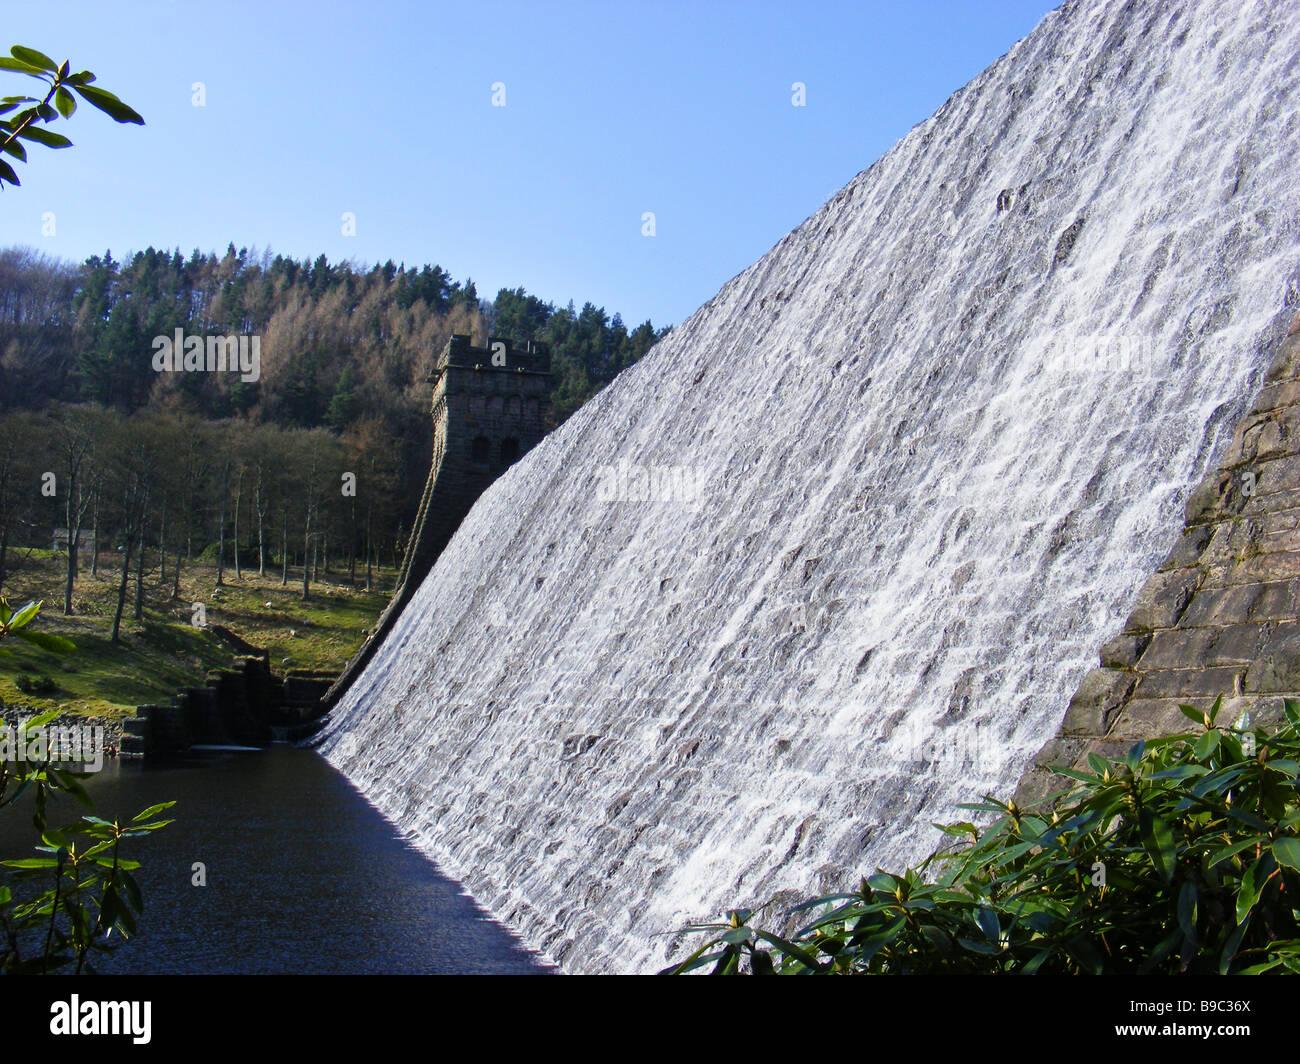 Howden dam on Derwent reservoir in the Derbyshire Peak District - Stock Image